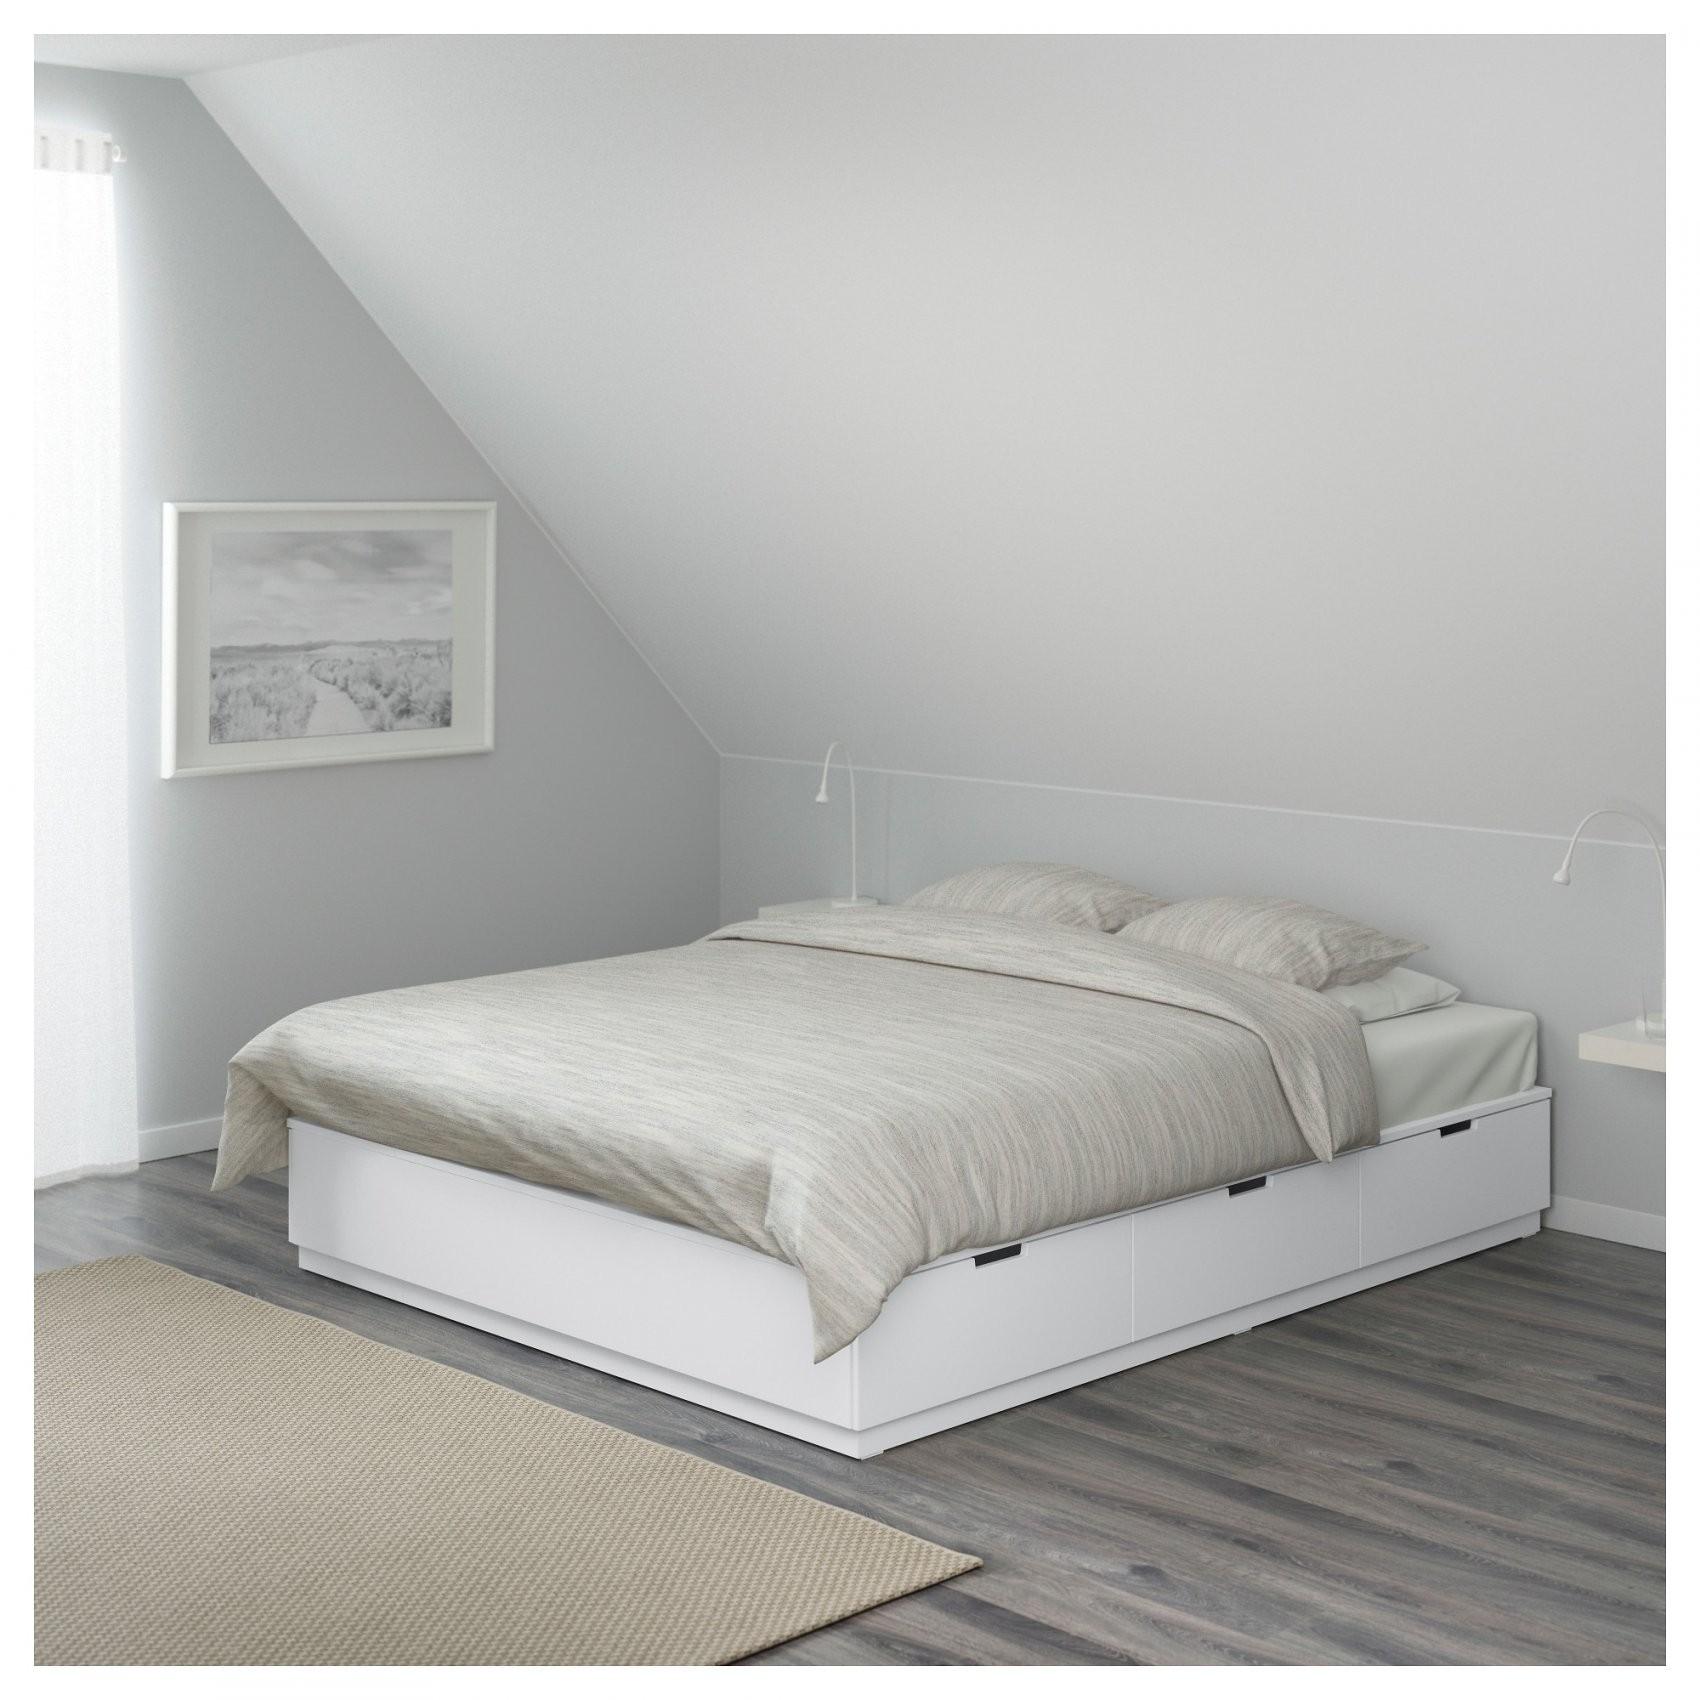 Nordli Bettgestell Mit Schubladen  140X200 Cm  Ikea von Ikea Bett Weiß Mit Schubladen Bild